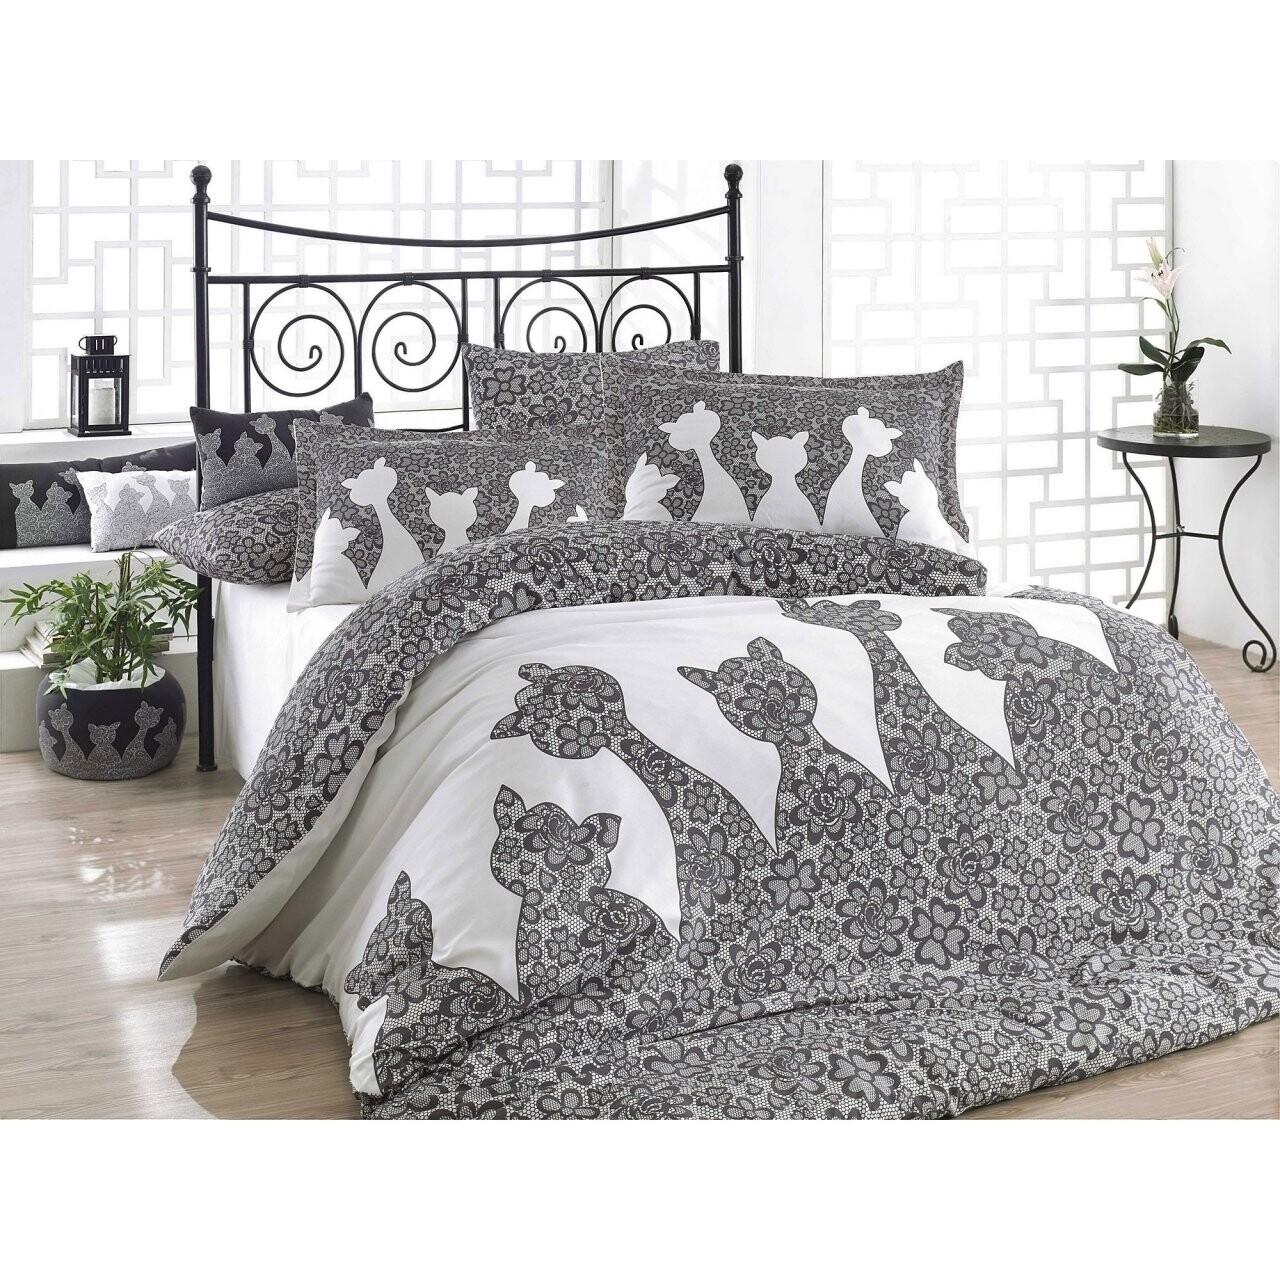 Lenjerie de pat pentru 2 persoane Jazz  Black, 100% bumbac poplin